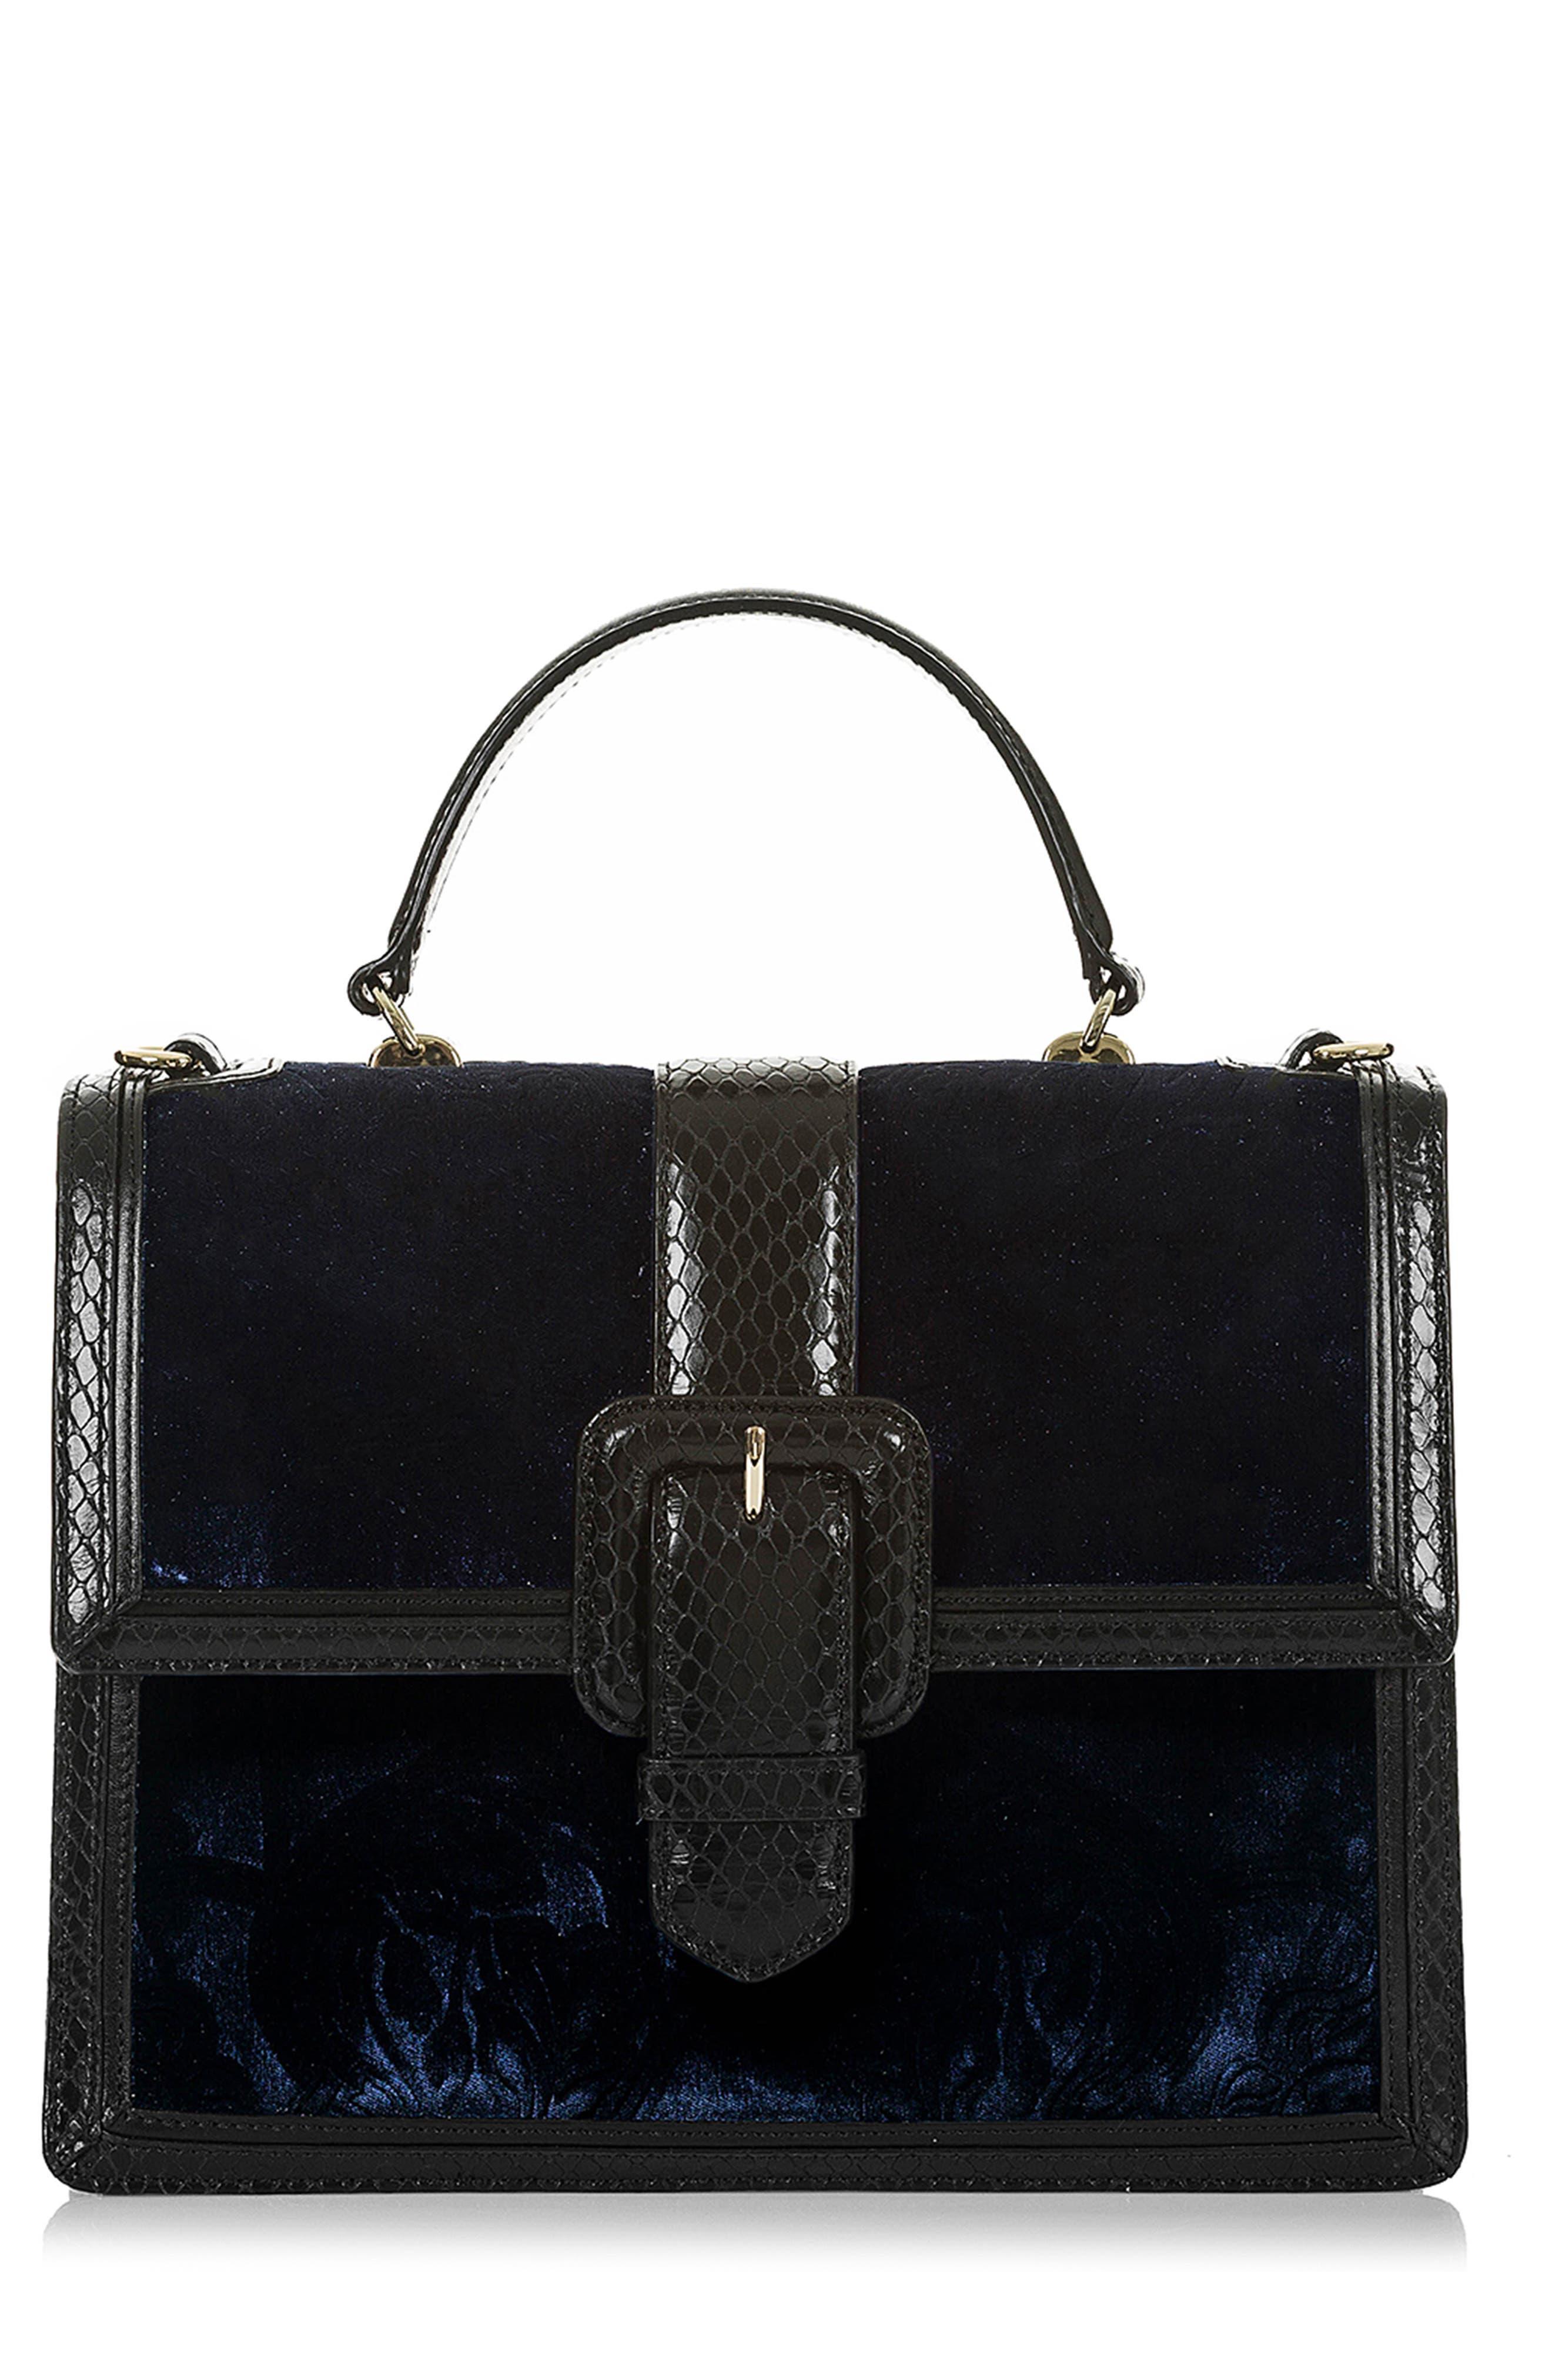 BRAHMIN Medium Francine Snake Embossed Leather & Velvet Satchel, Main, color, NAVY